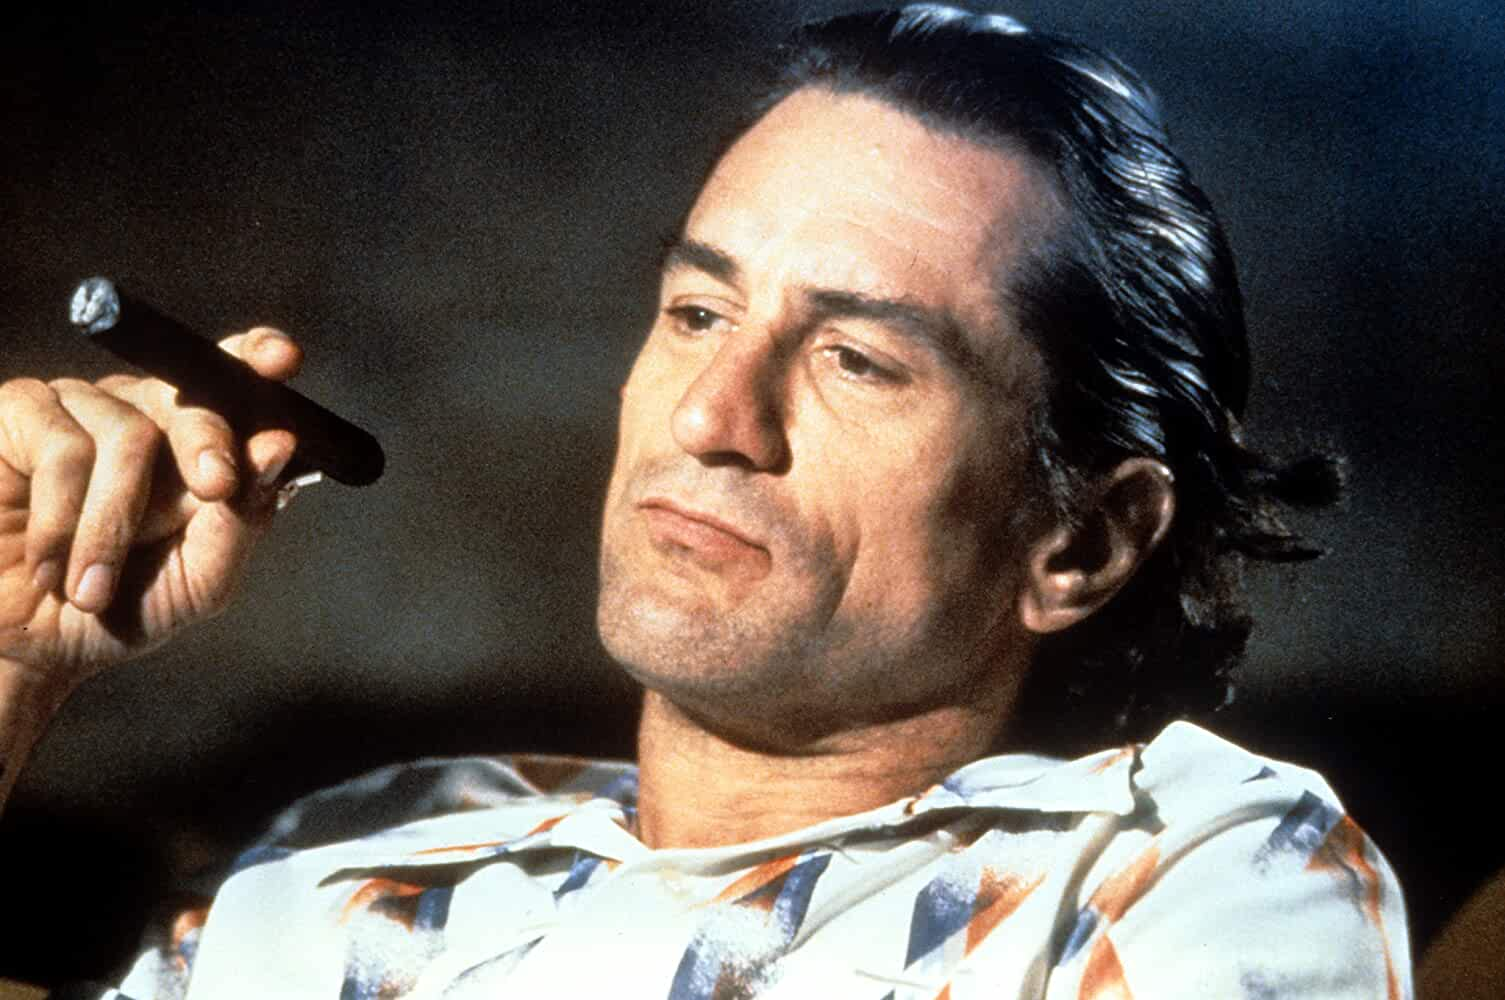 Robert De Niro in Cape Fear 1991